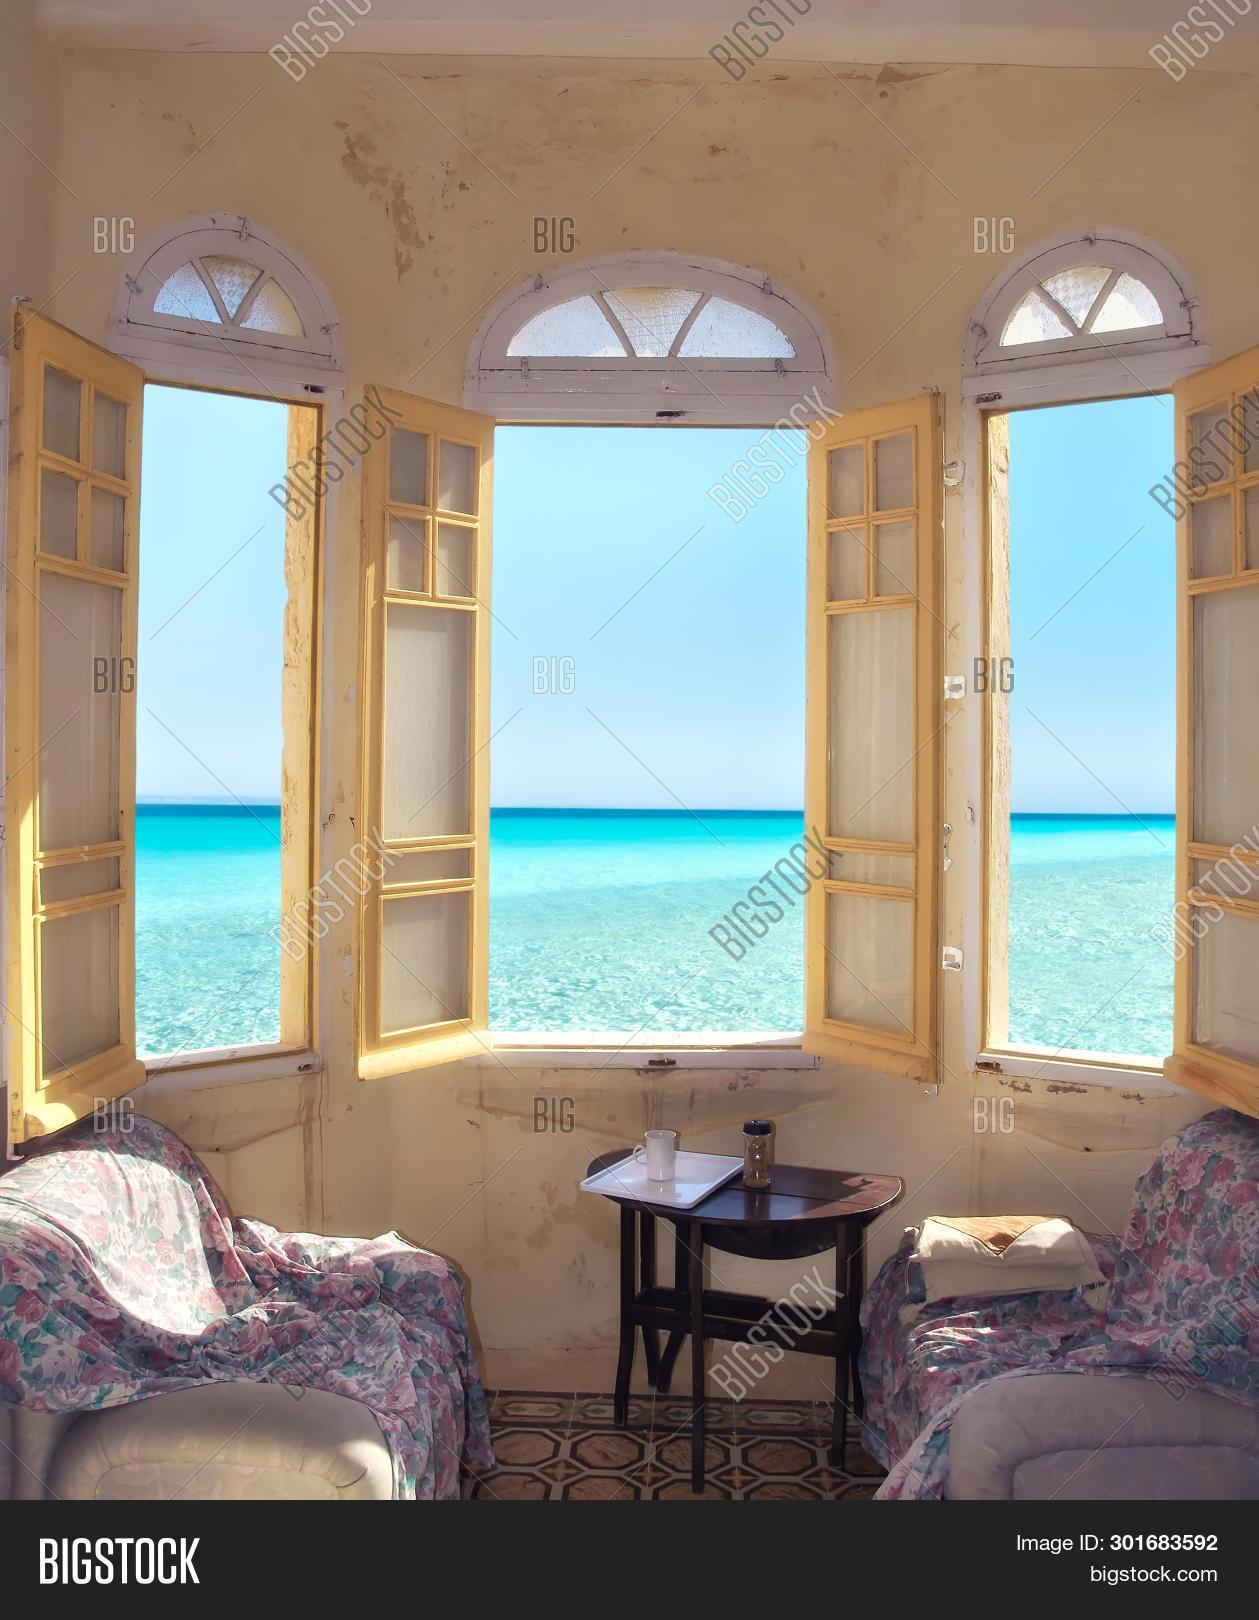 Window Old Flat Sea Image Photo Free Trial Bigstock